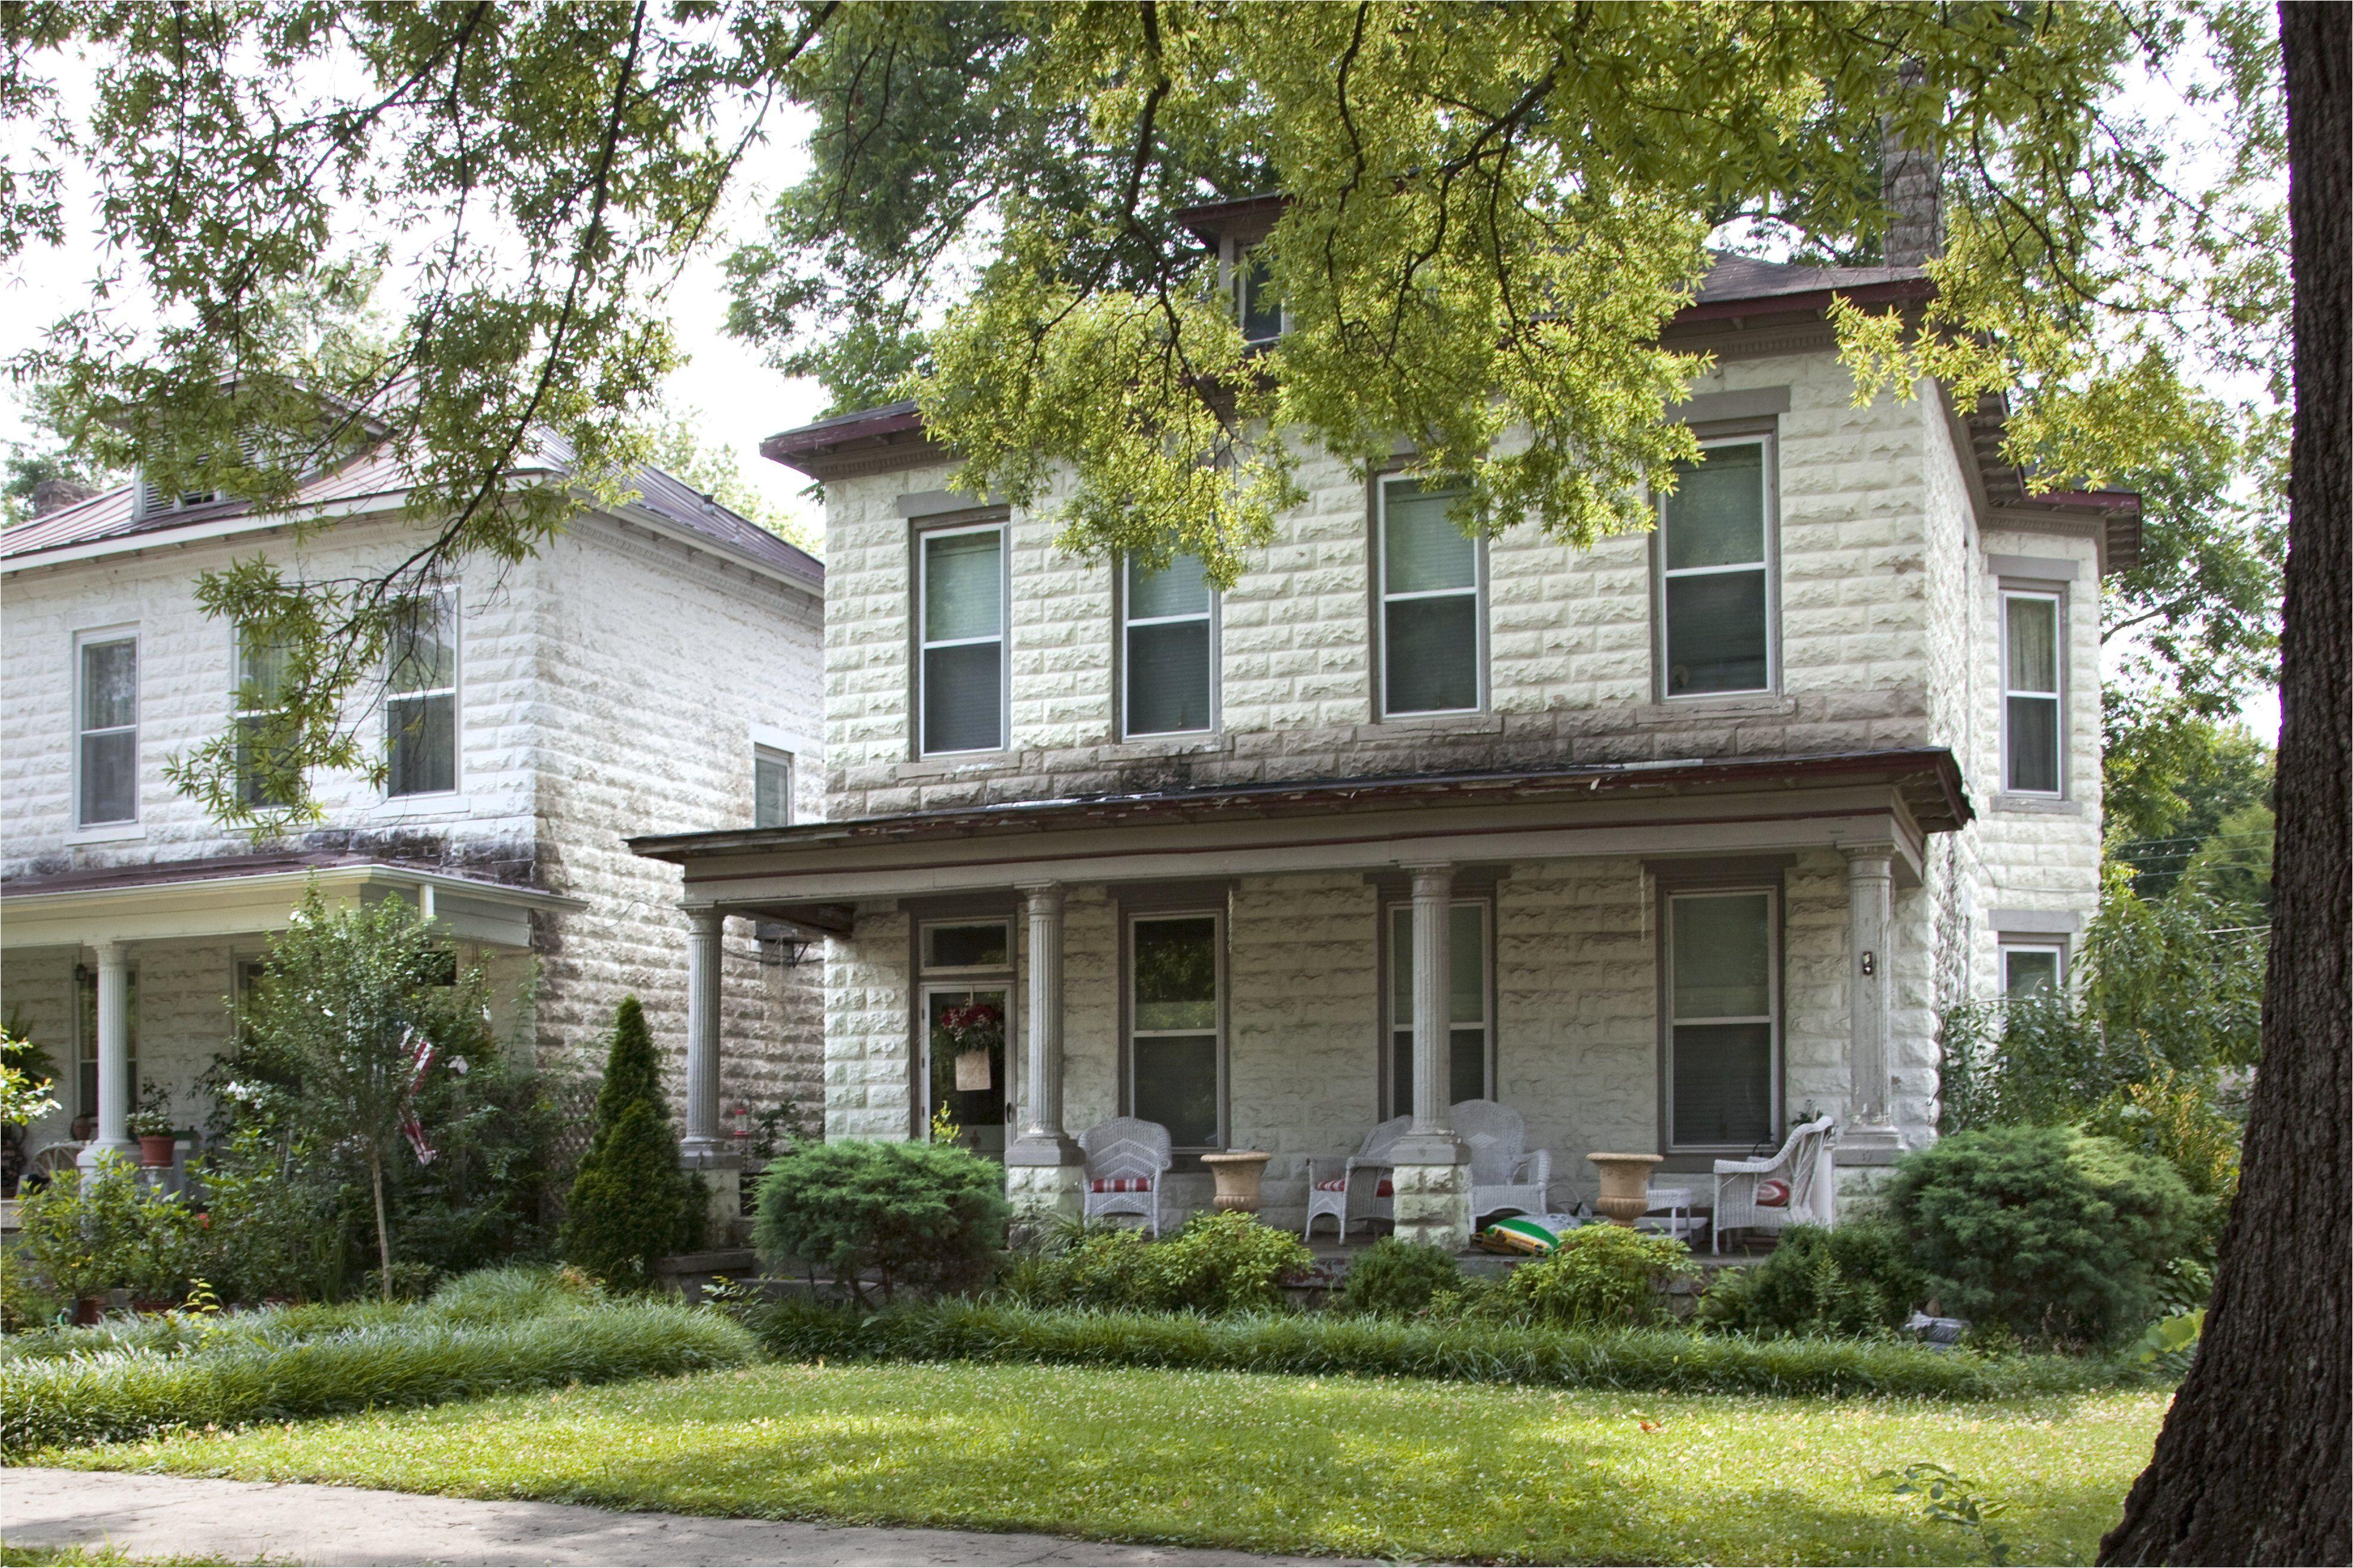 architecture sears house foursquare 564101623 crop 5c10102046e0fb0001ac9648 jpg